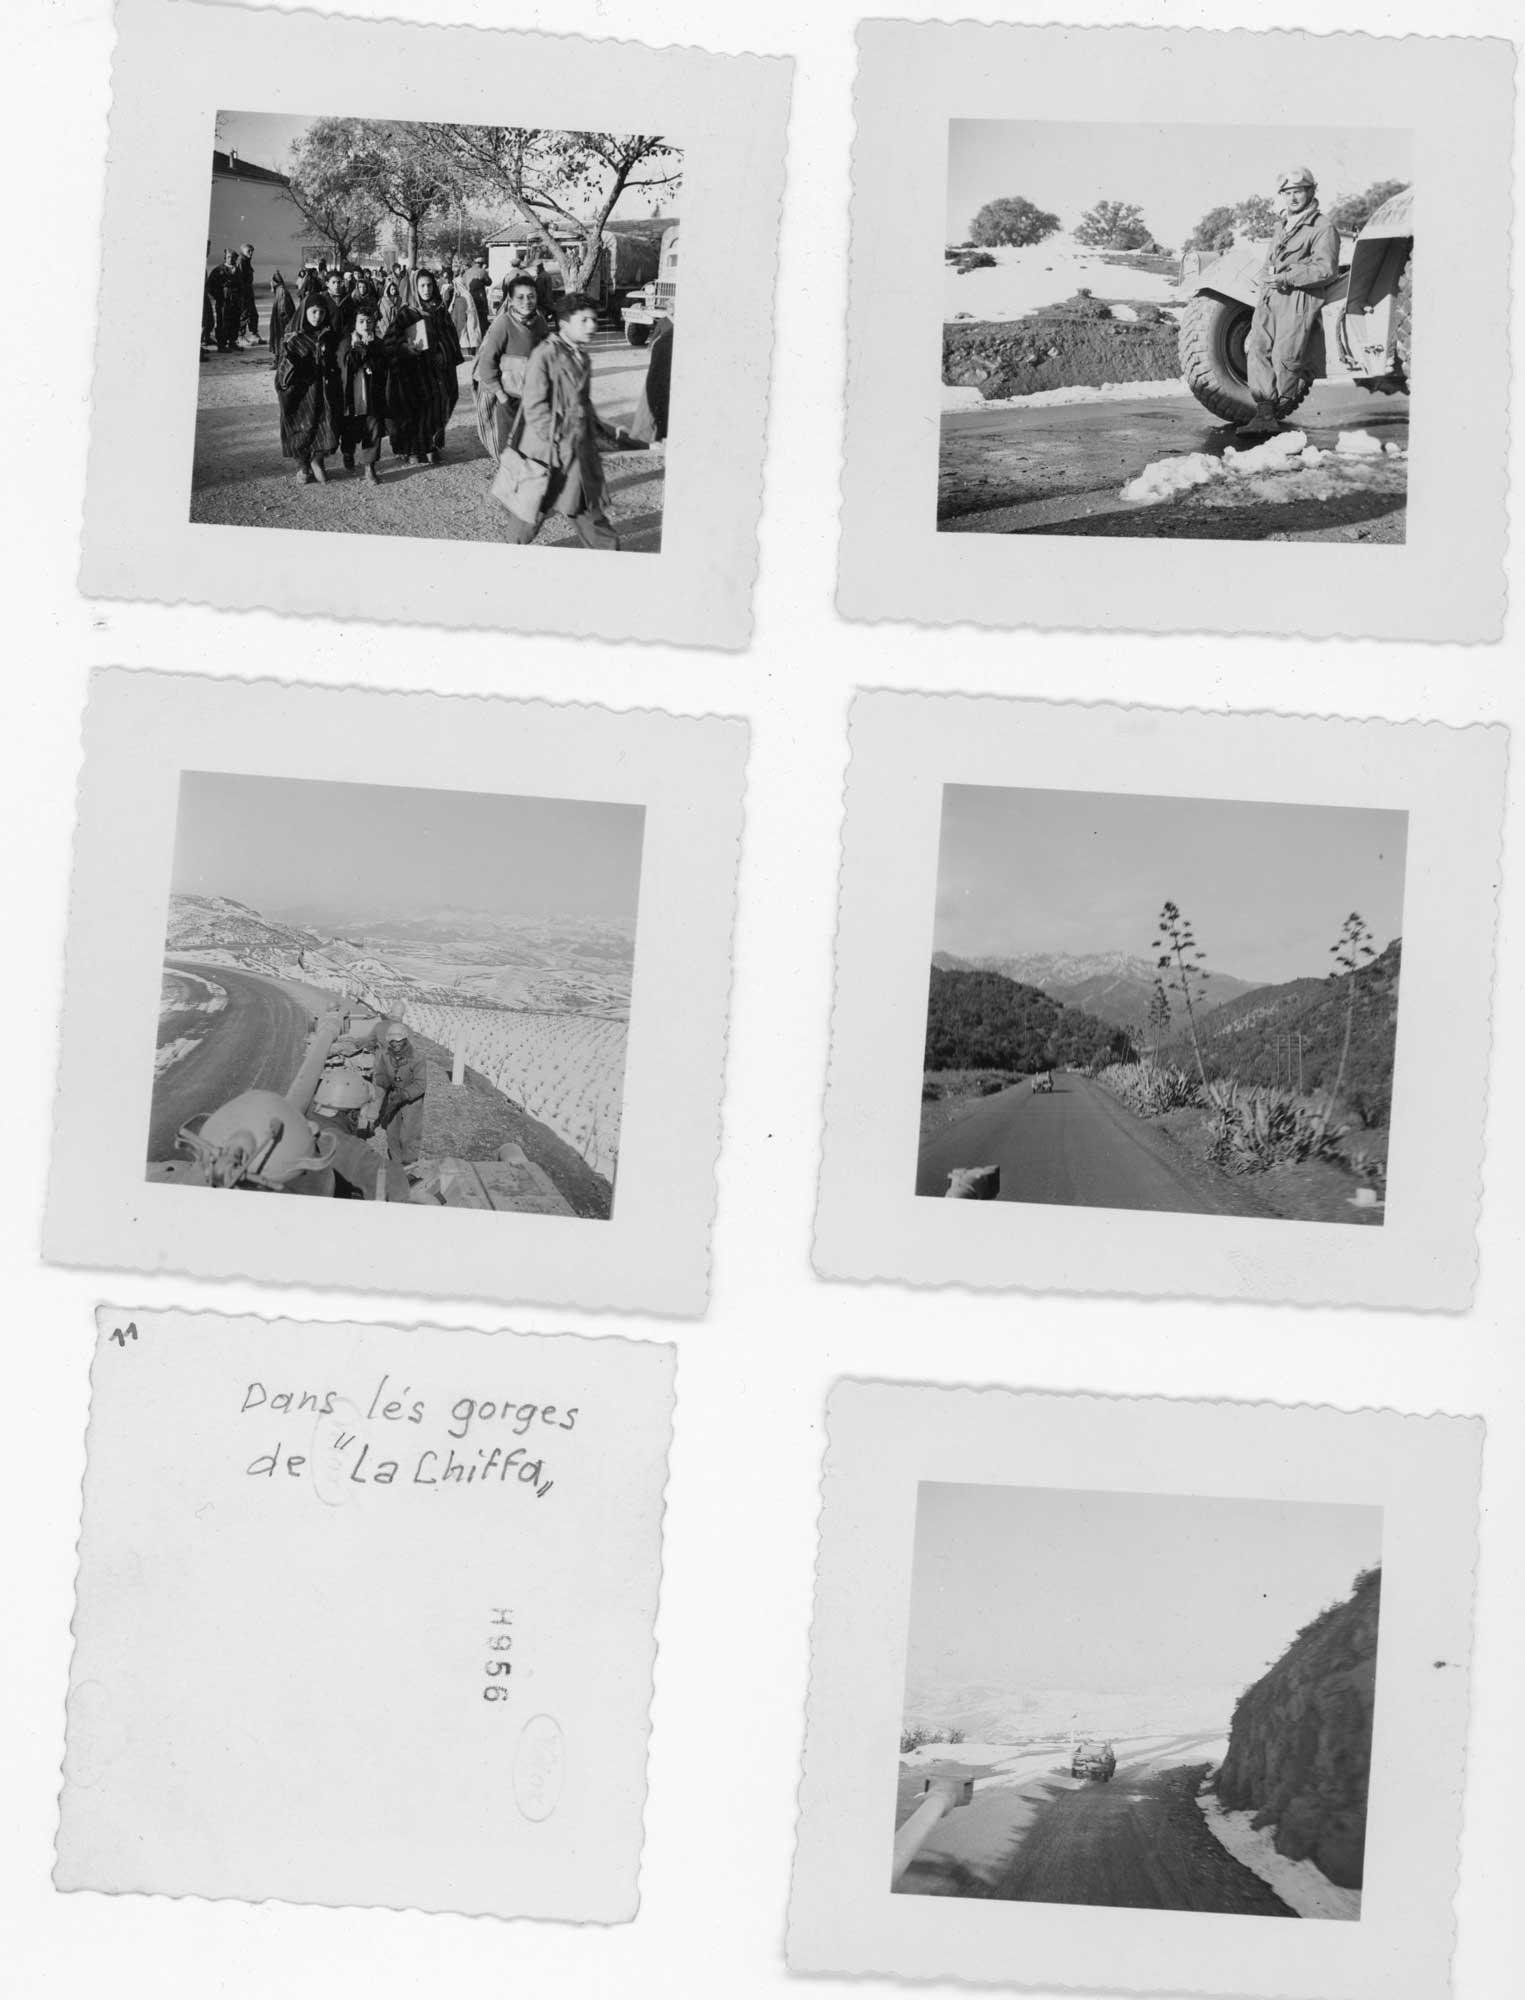 Quelques photos d'EBR en Algérie Algeri16